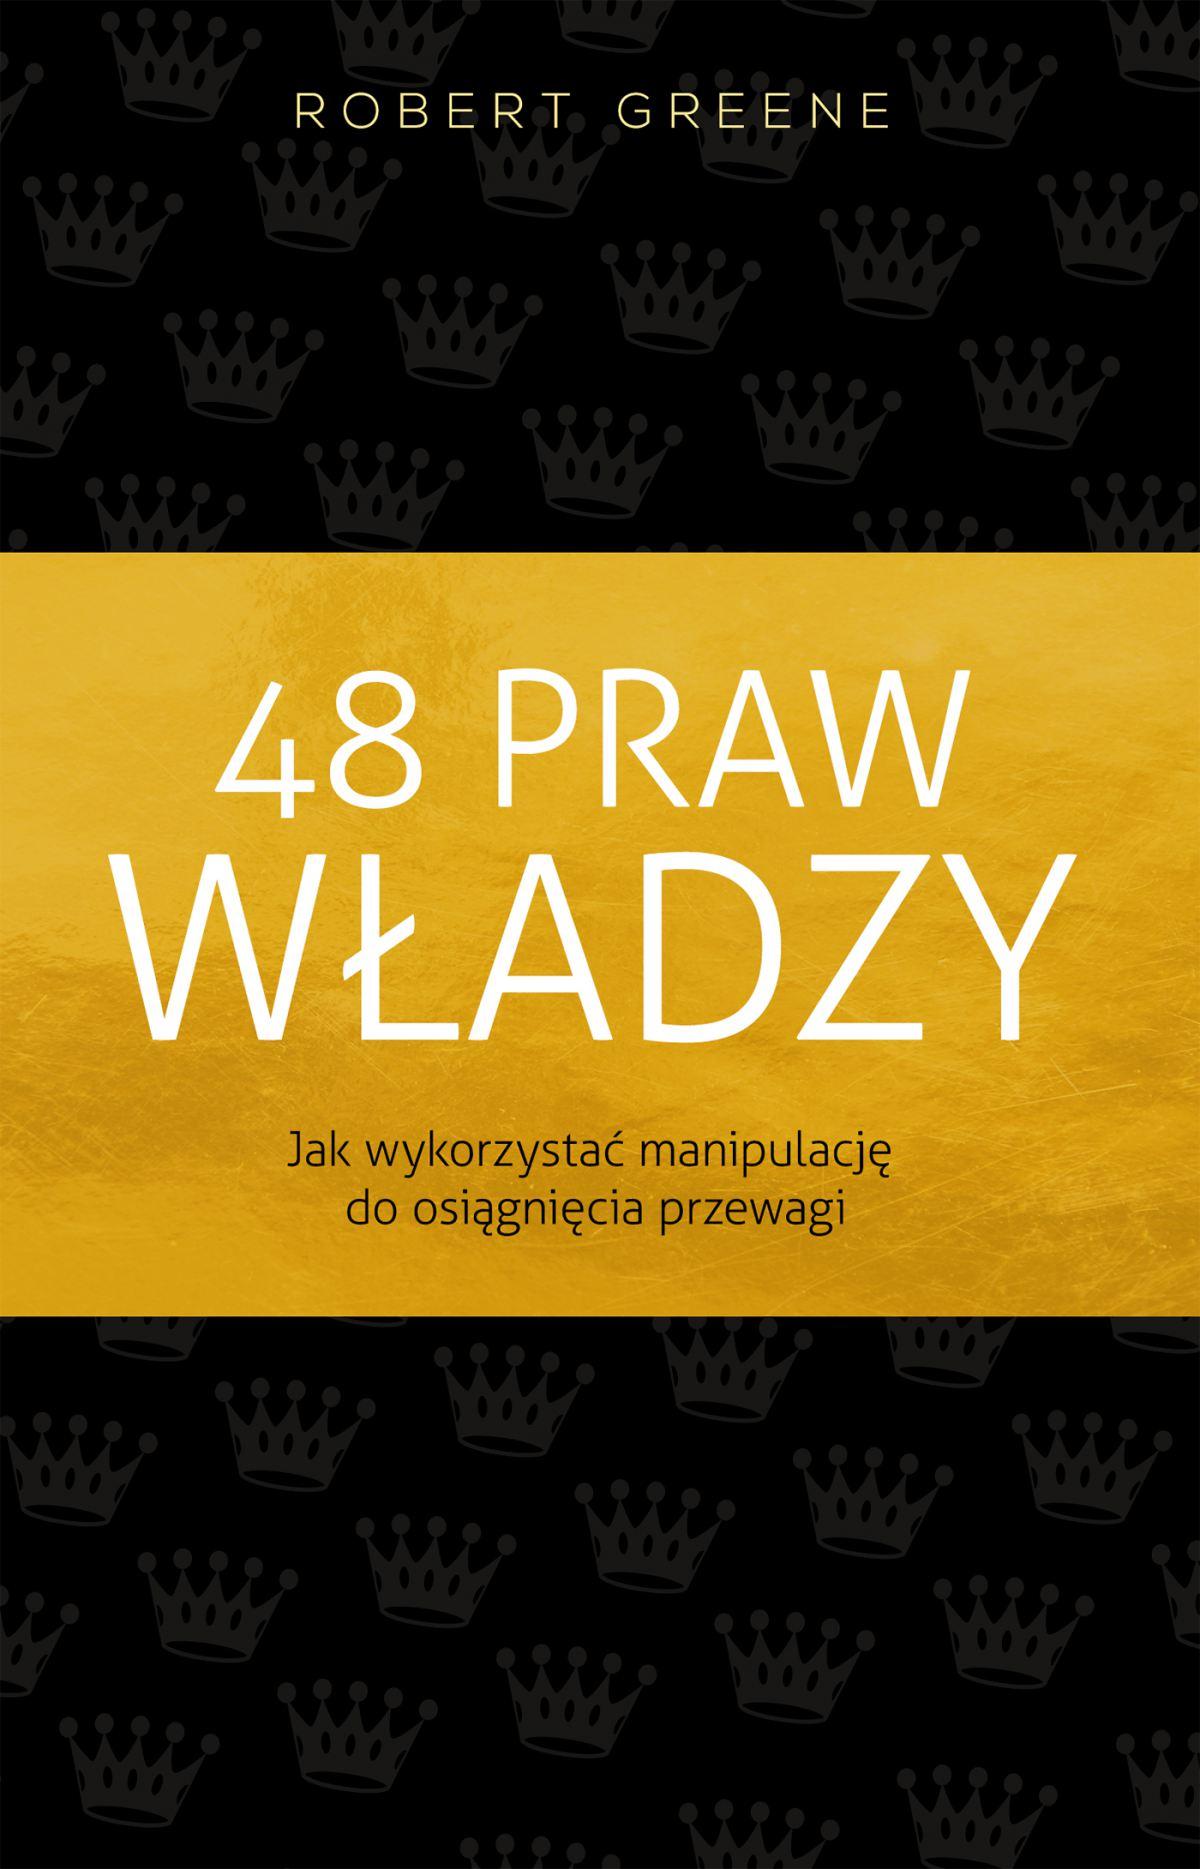 48 praw władzy - Ebook (Książka EPUB) do pobrania w formacie EPUB